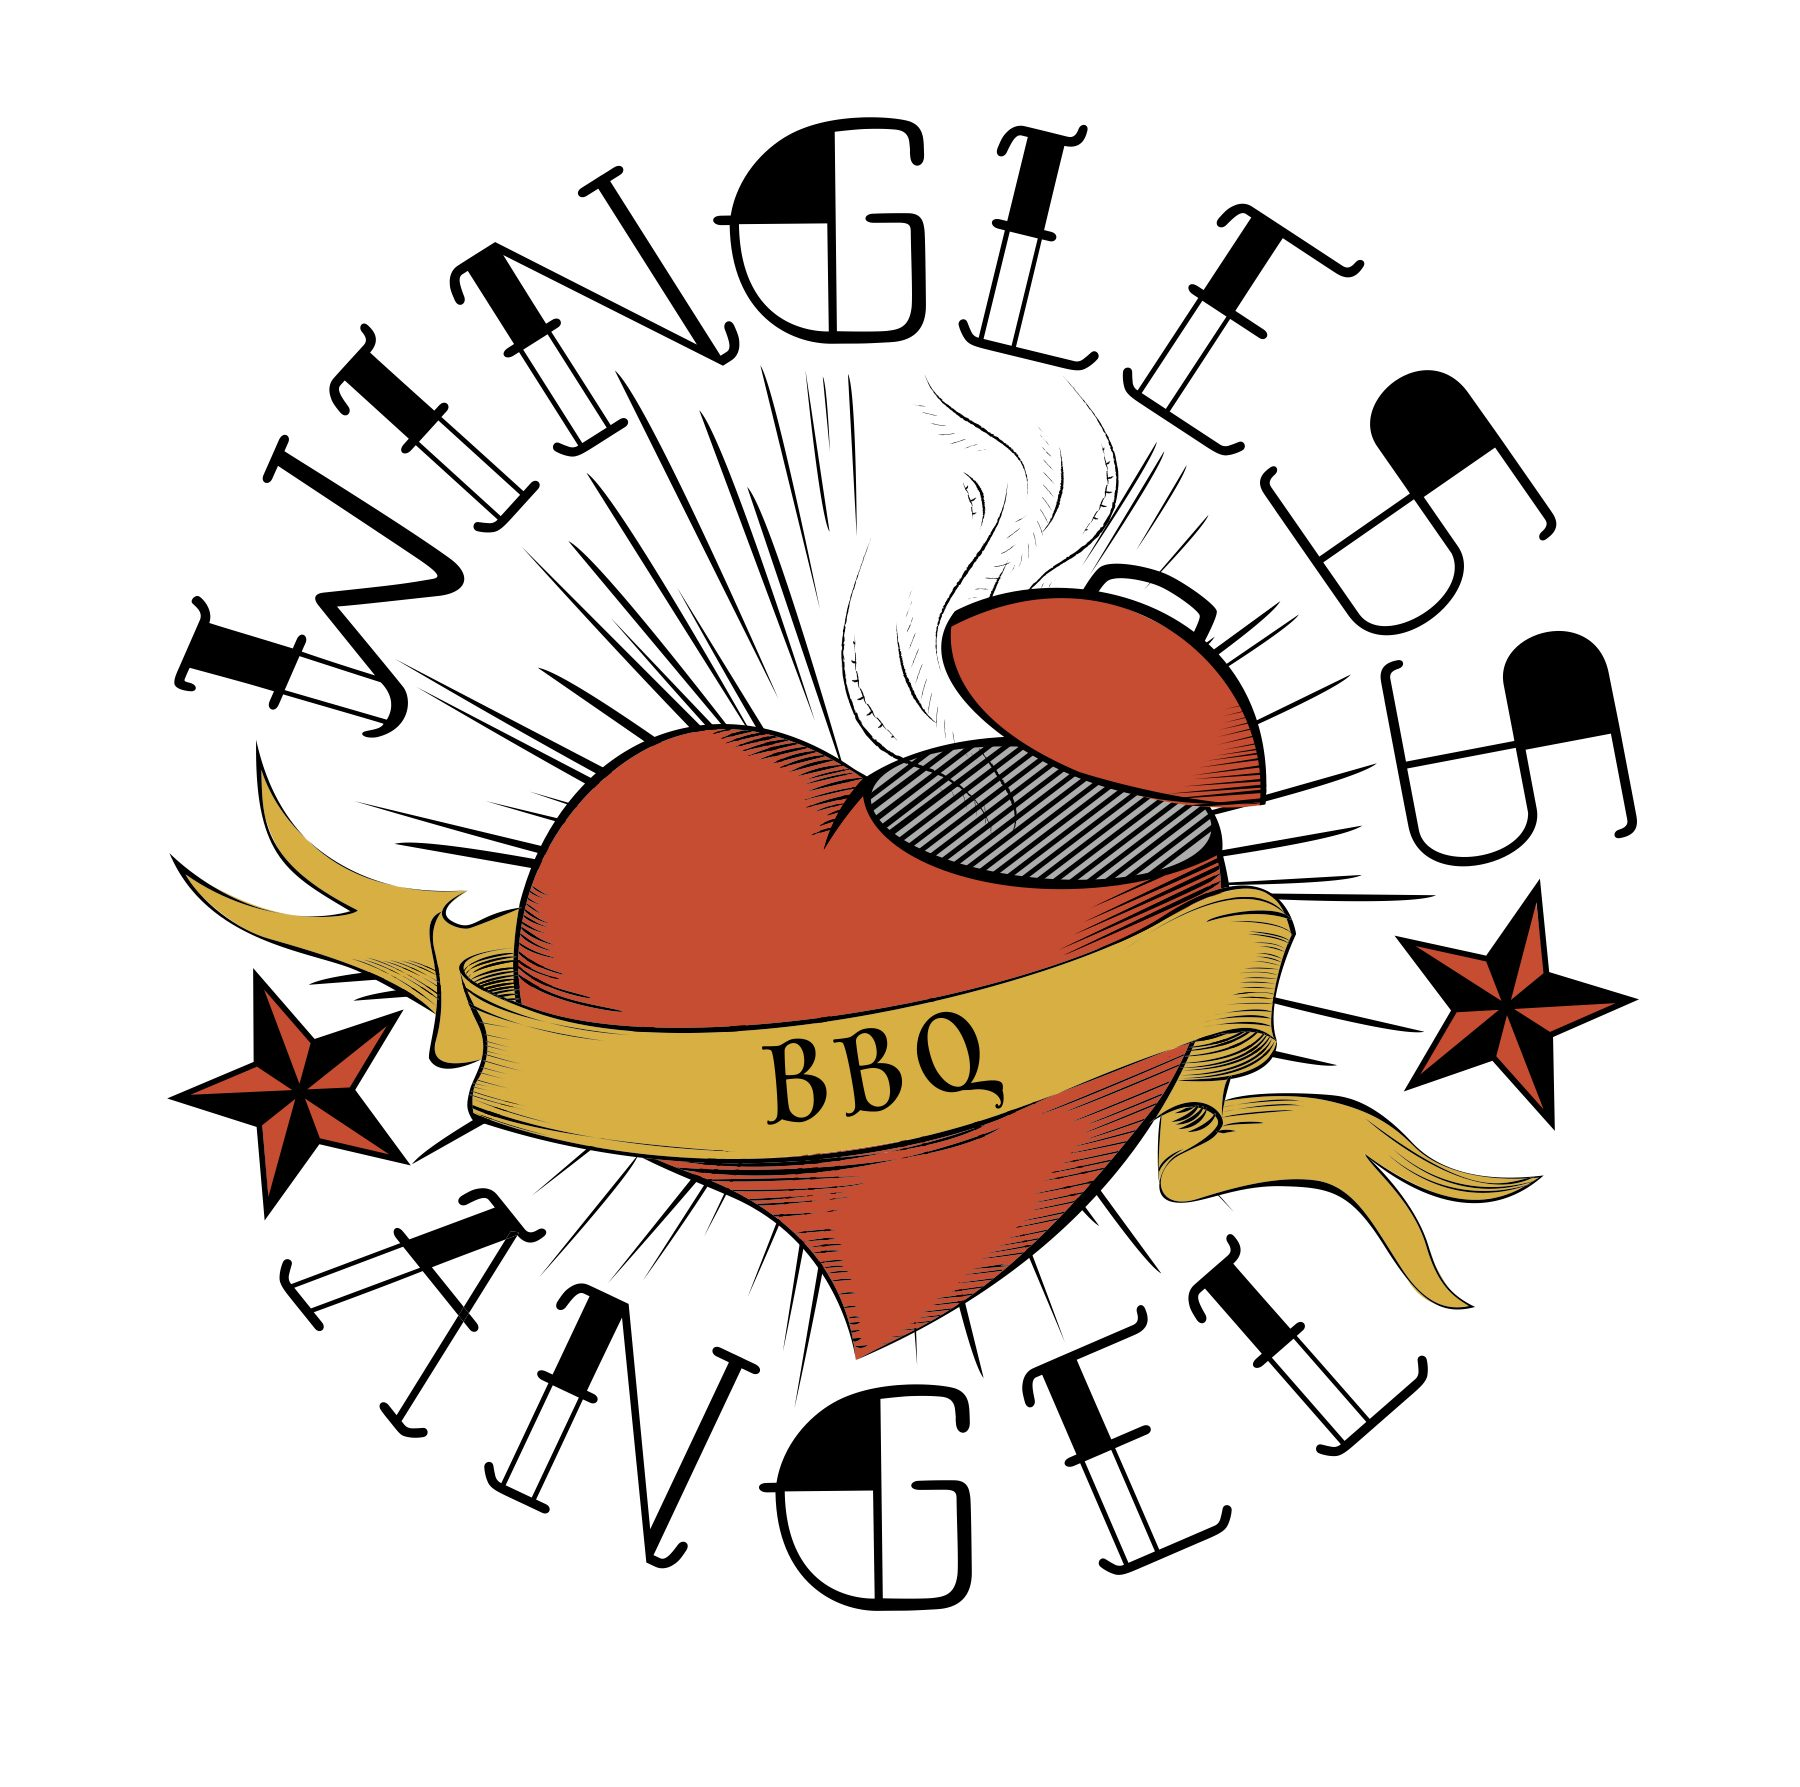 Wingless Angel BBQ